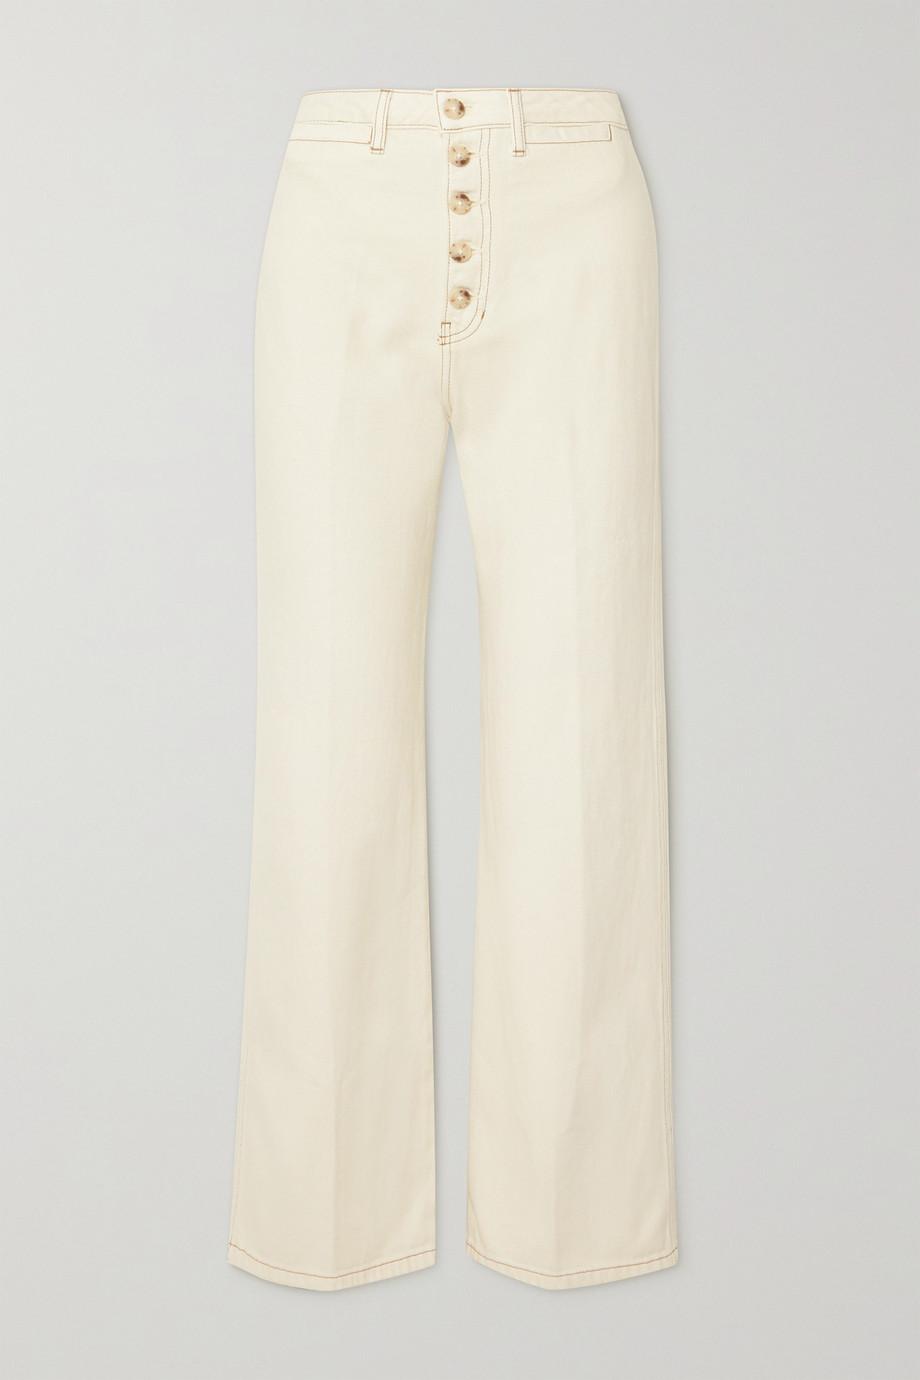 Reformation Jean large taille haute en coton biologique Lexi